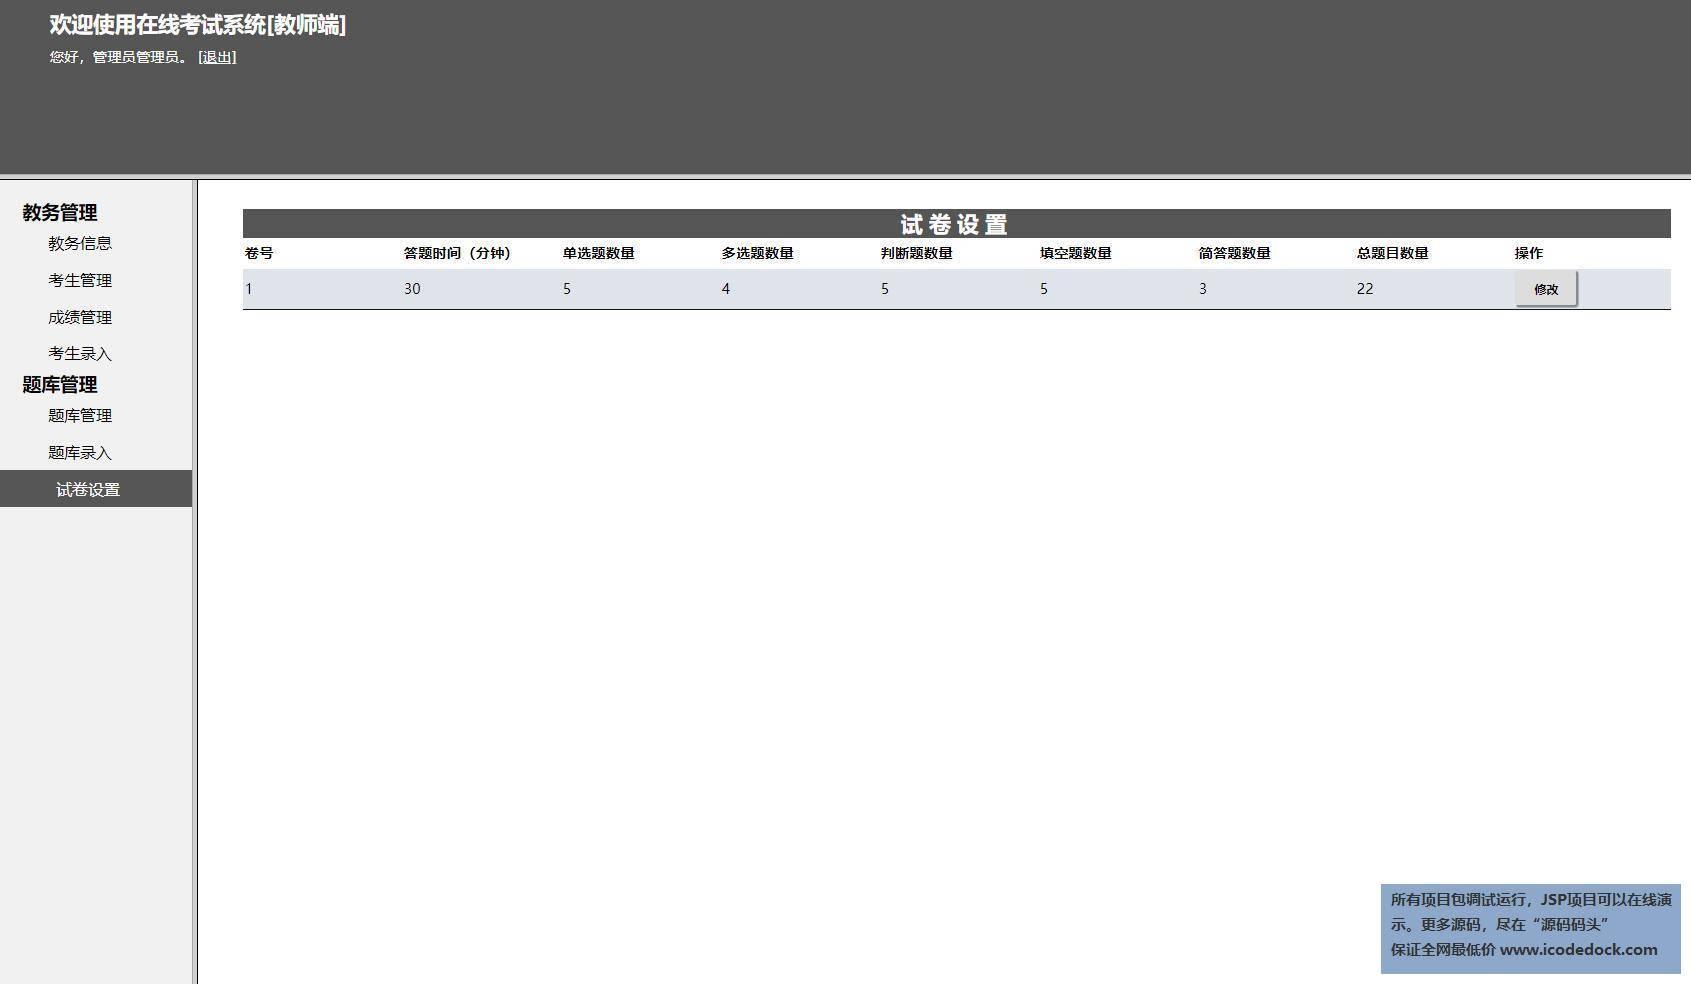 源码码头-JSP在线考试管理系统-管理员角色-试卷管理